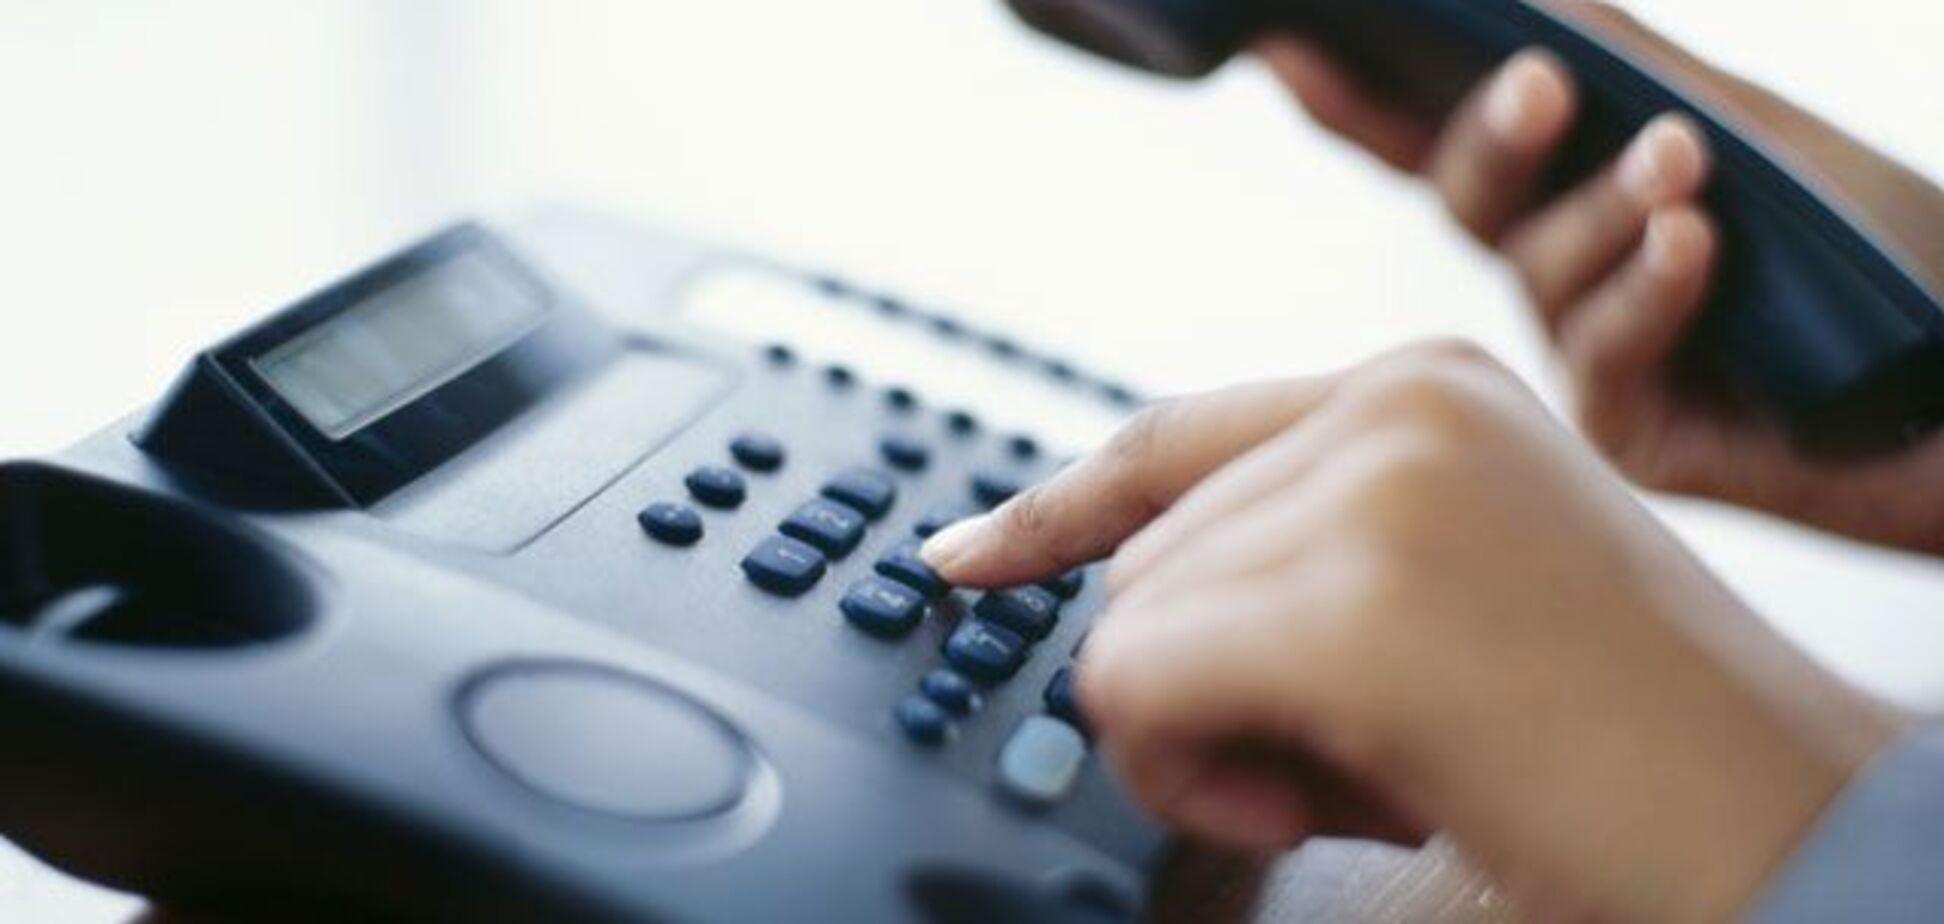 В Україні подорожчають дзвінки: коли та на скільки